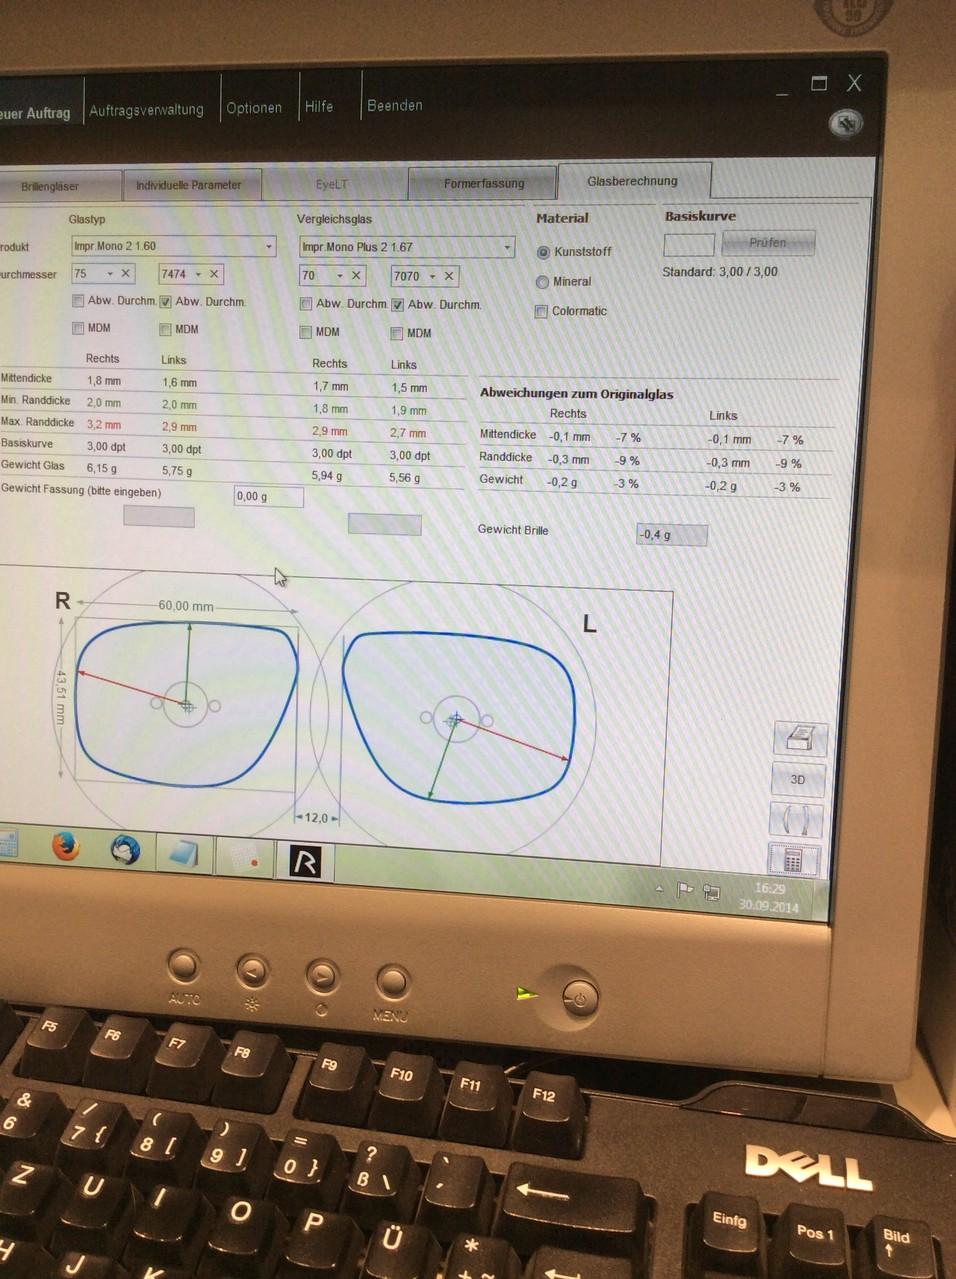 Berechnung der optimalen Brillenglasdicken und EDV-Bestellung der Brillengläser